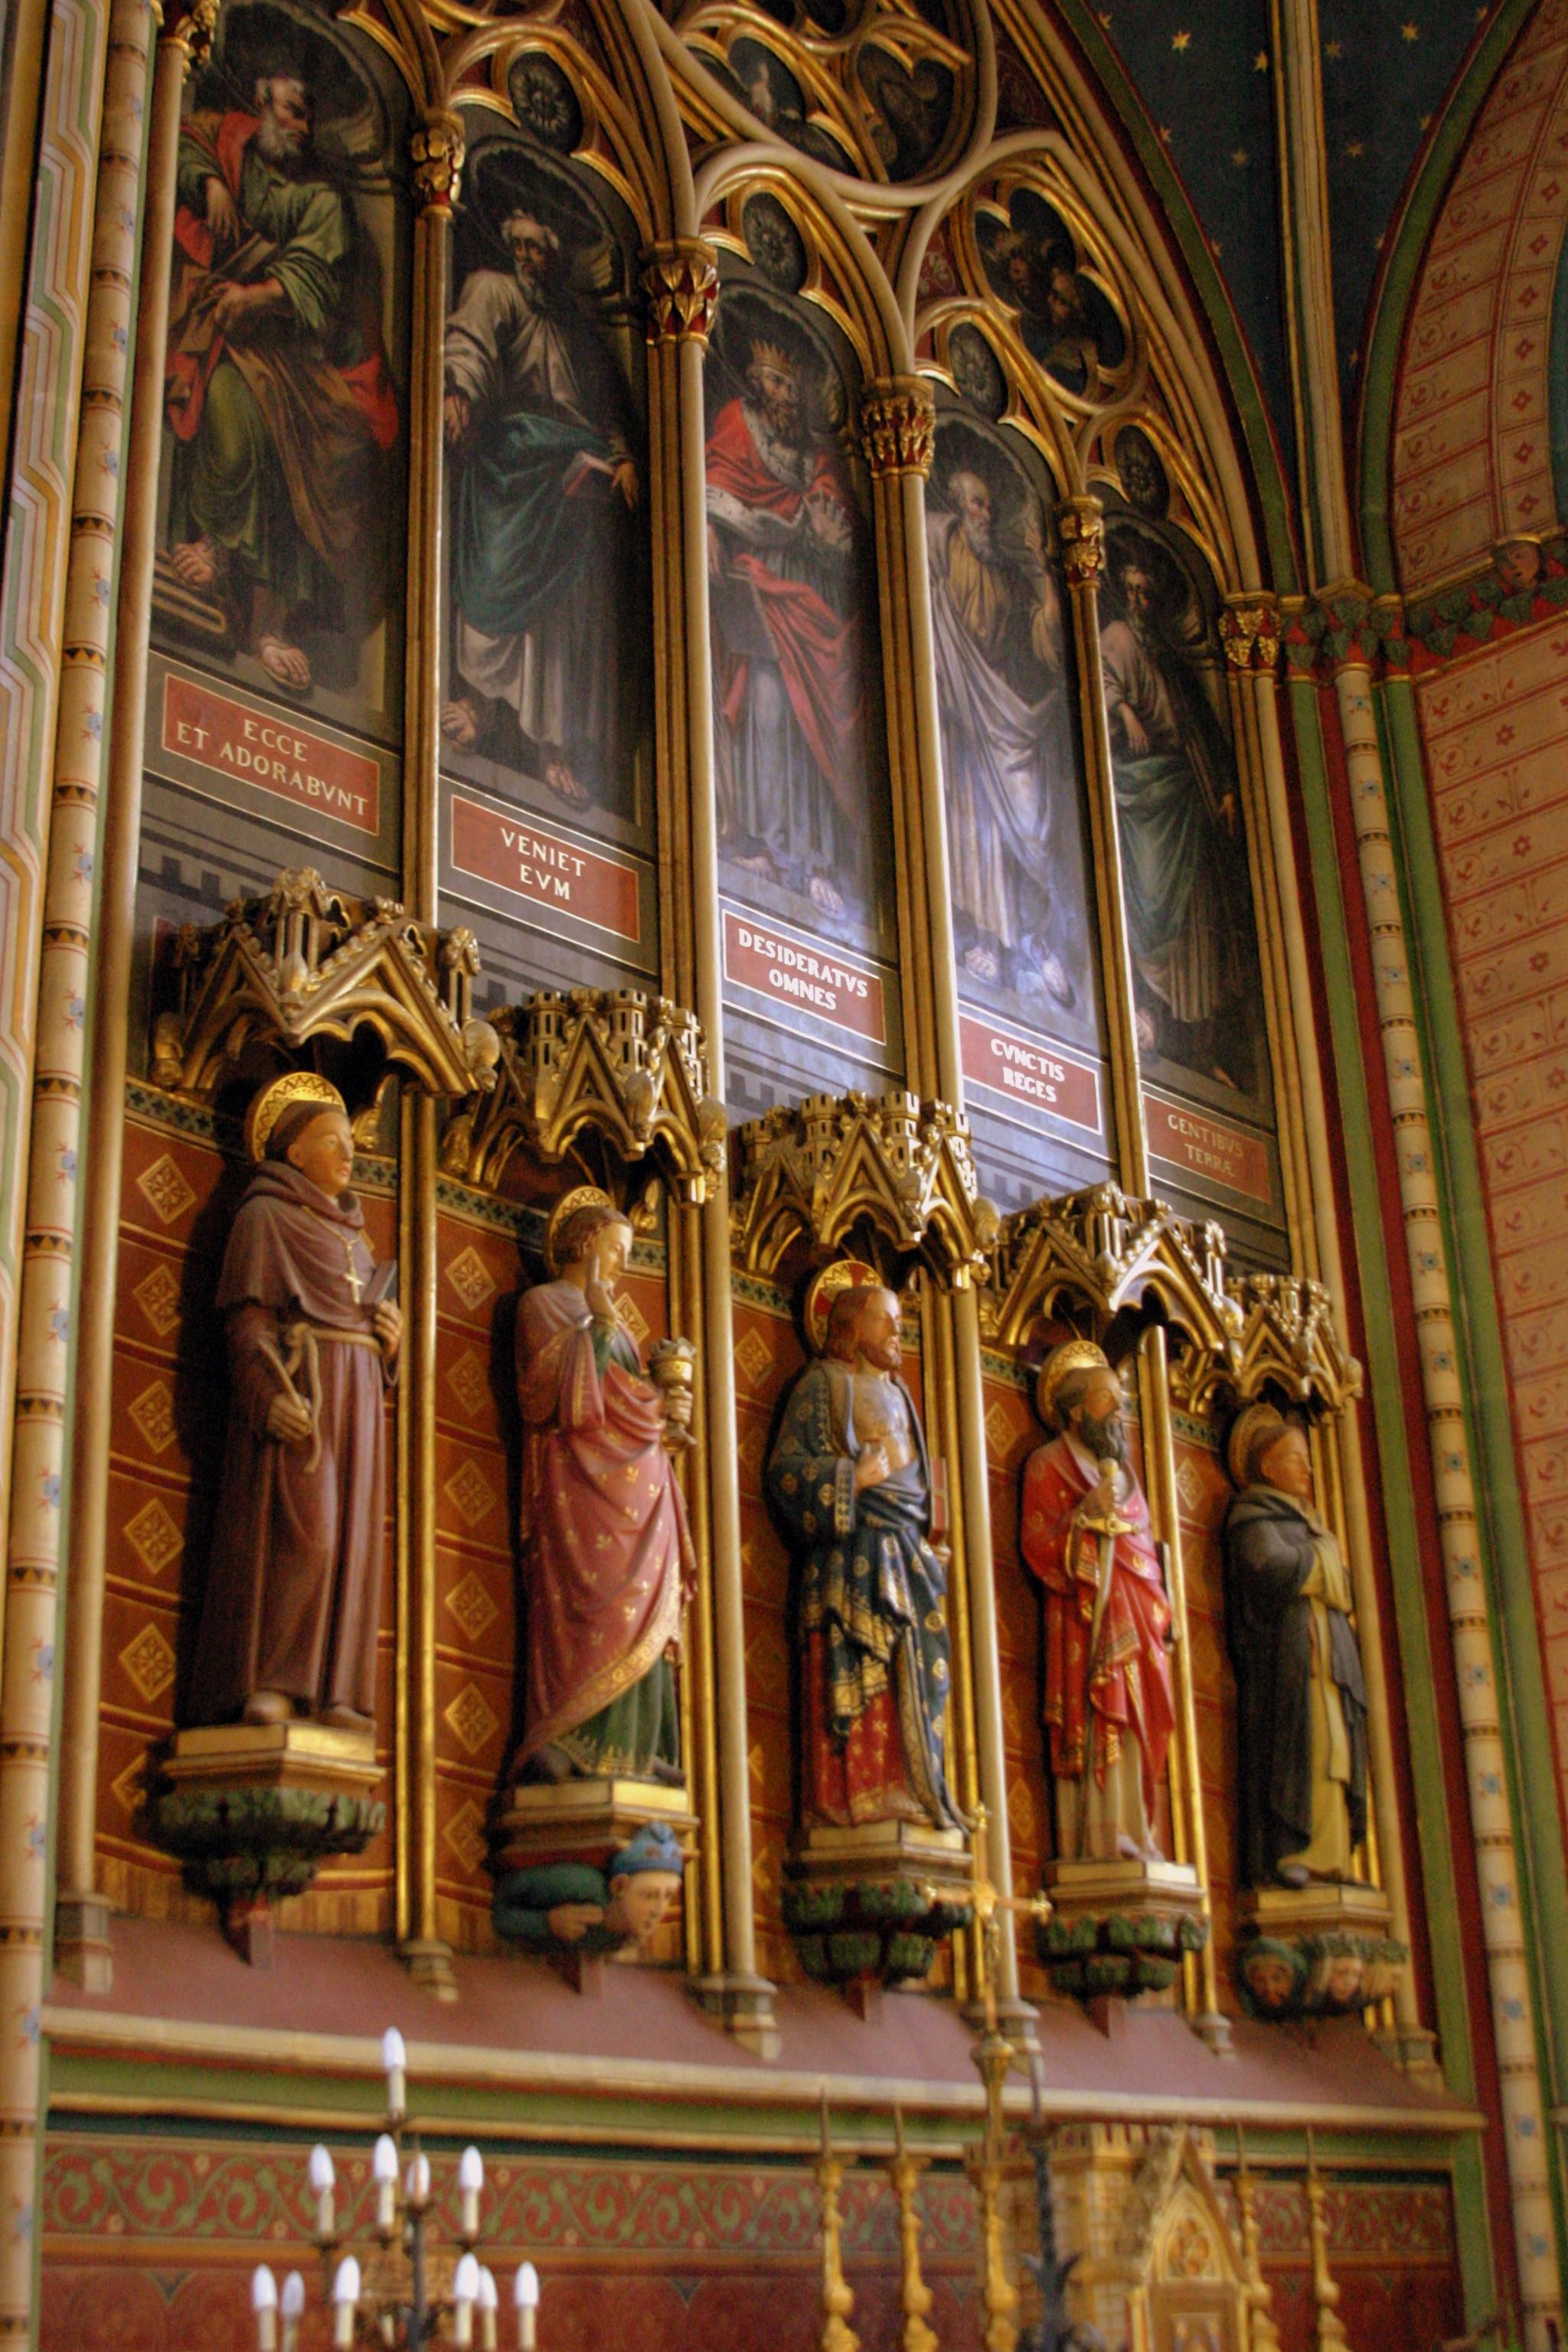 Detail inside Cathédrale Saint-Étienne de Limoges - Limoges, France